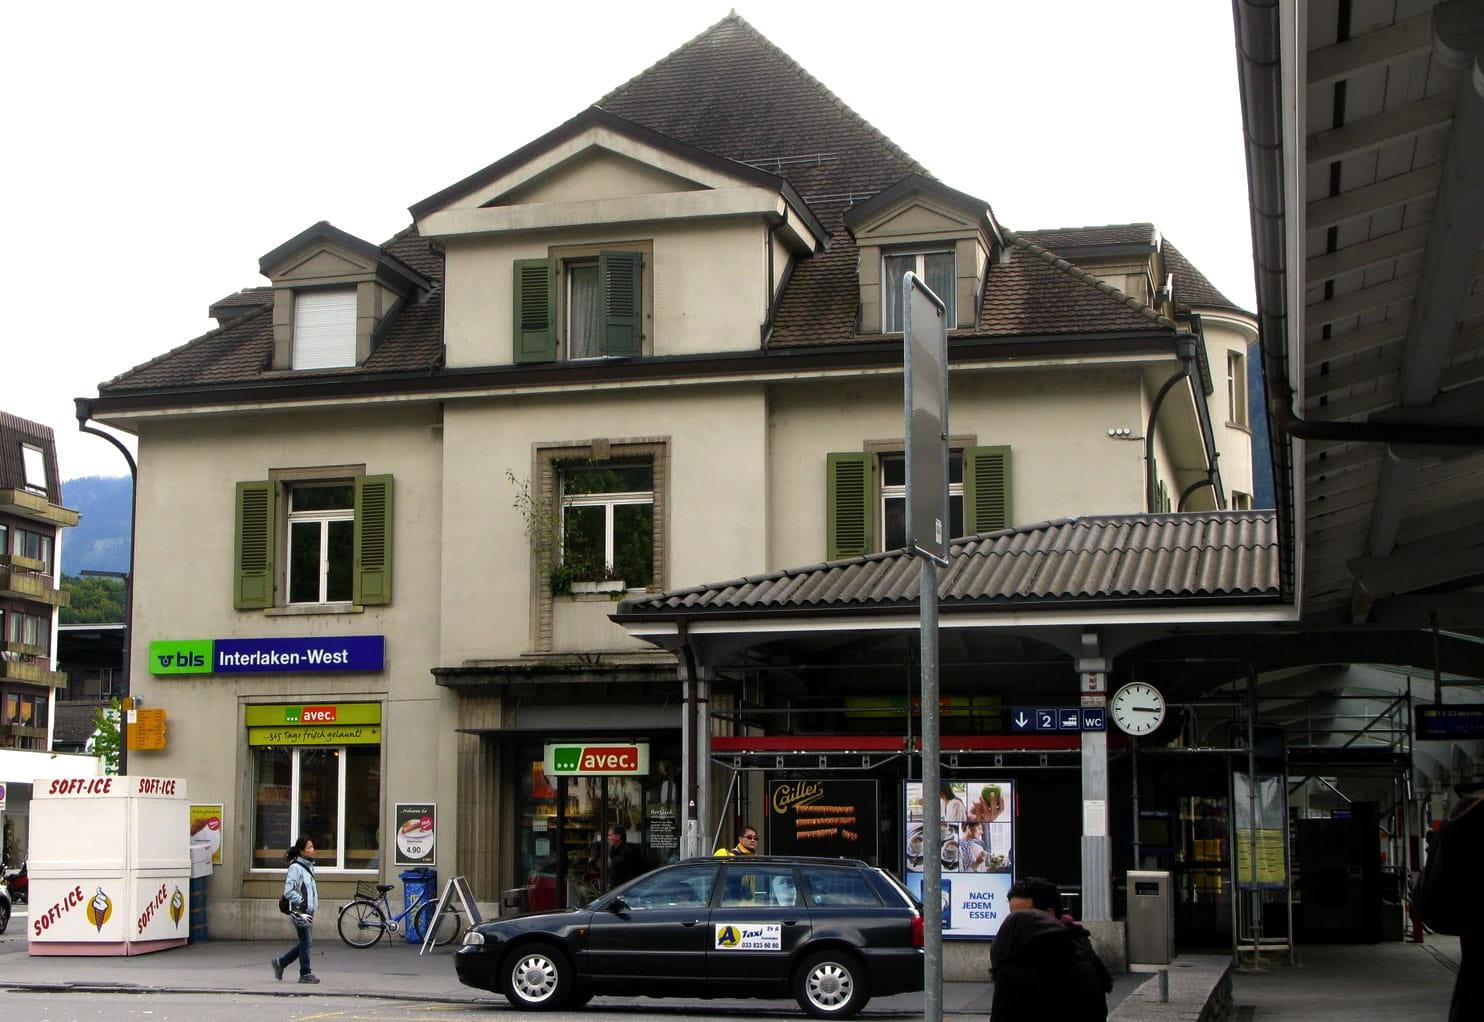 Bhf-Interlaken-West1